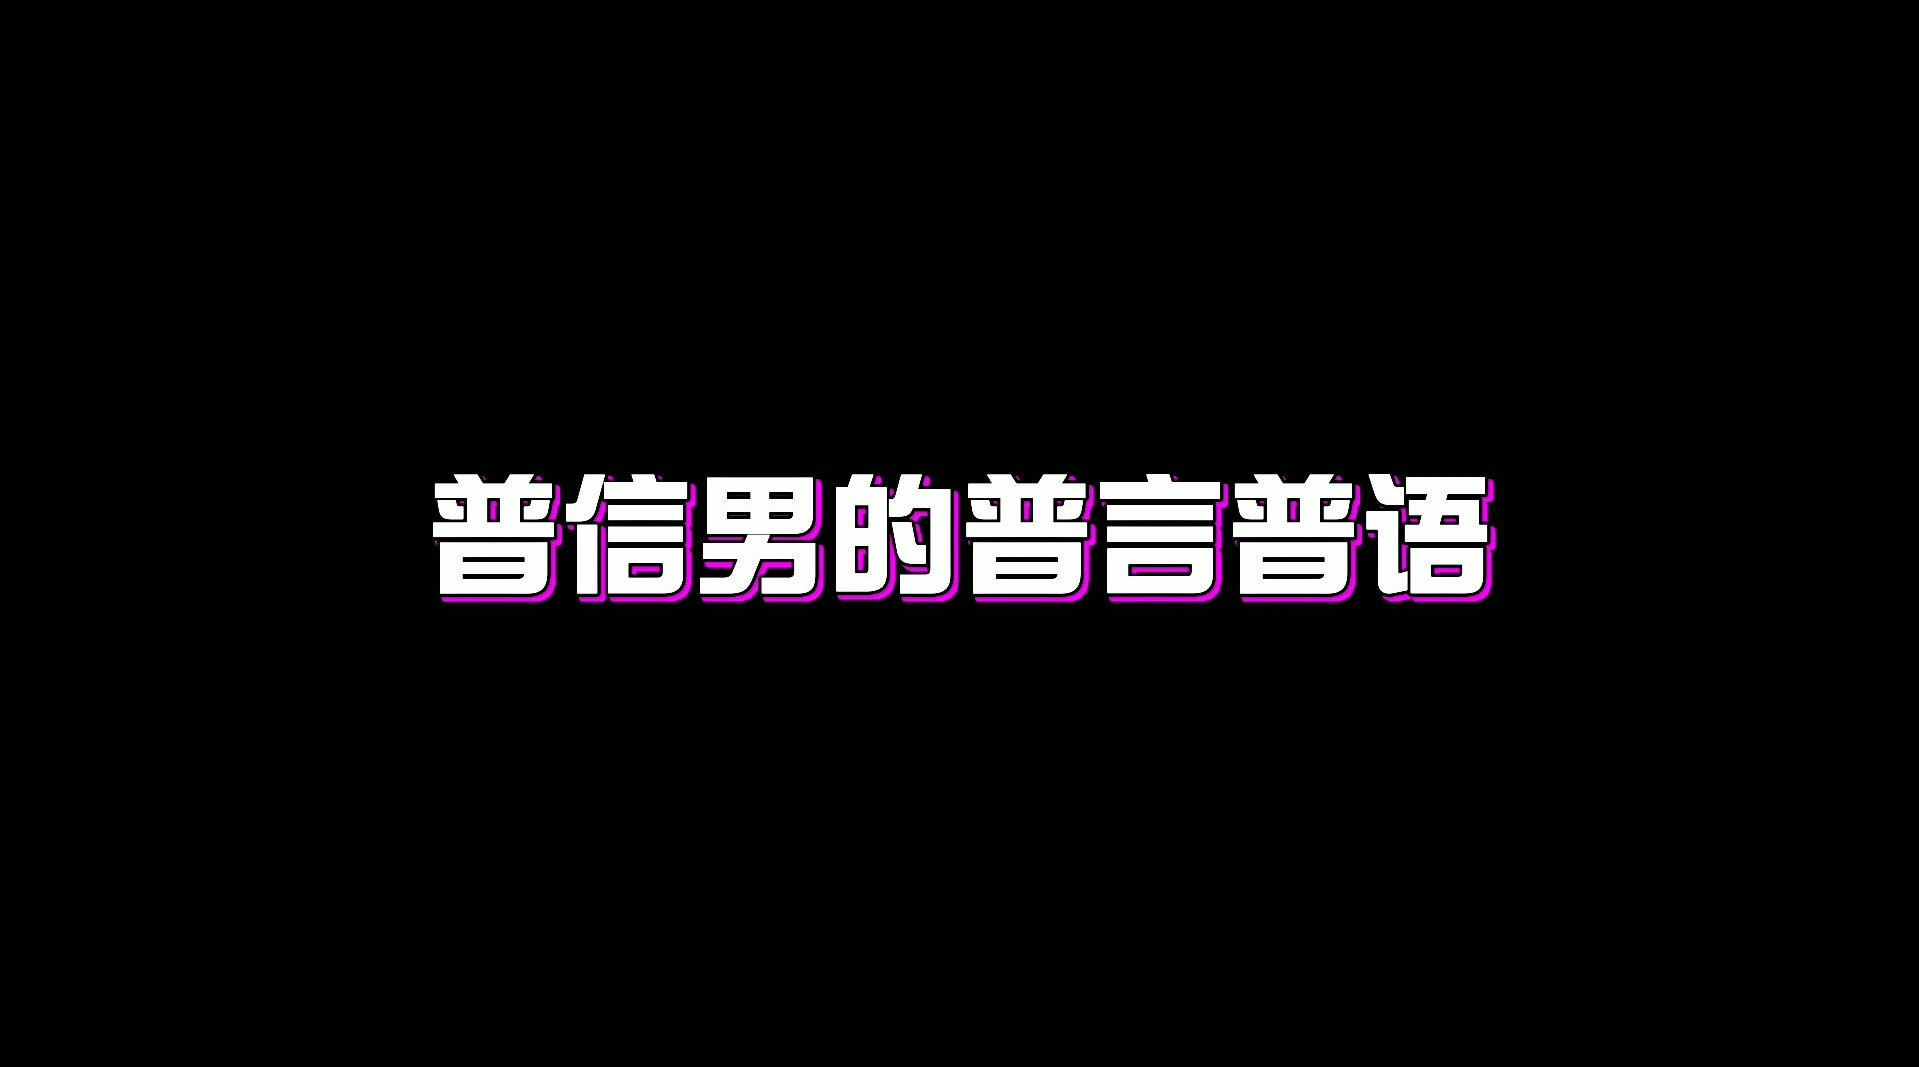 普信男和普信女是什么意思 《吐槽大会》杨笠一些话语衍生普信男